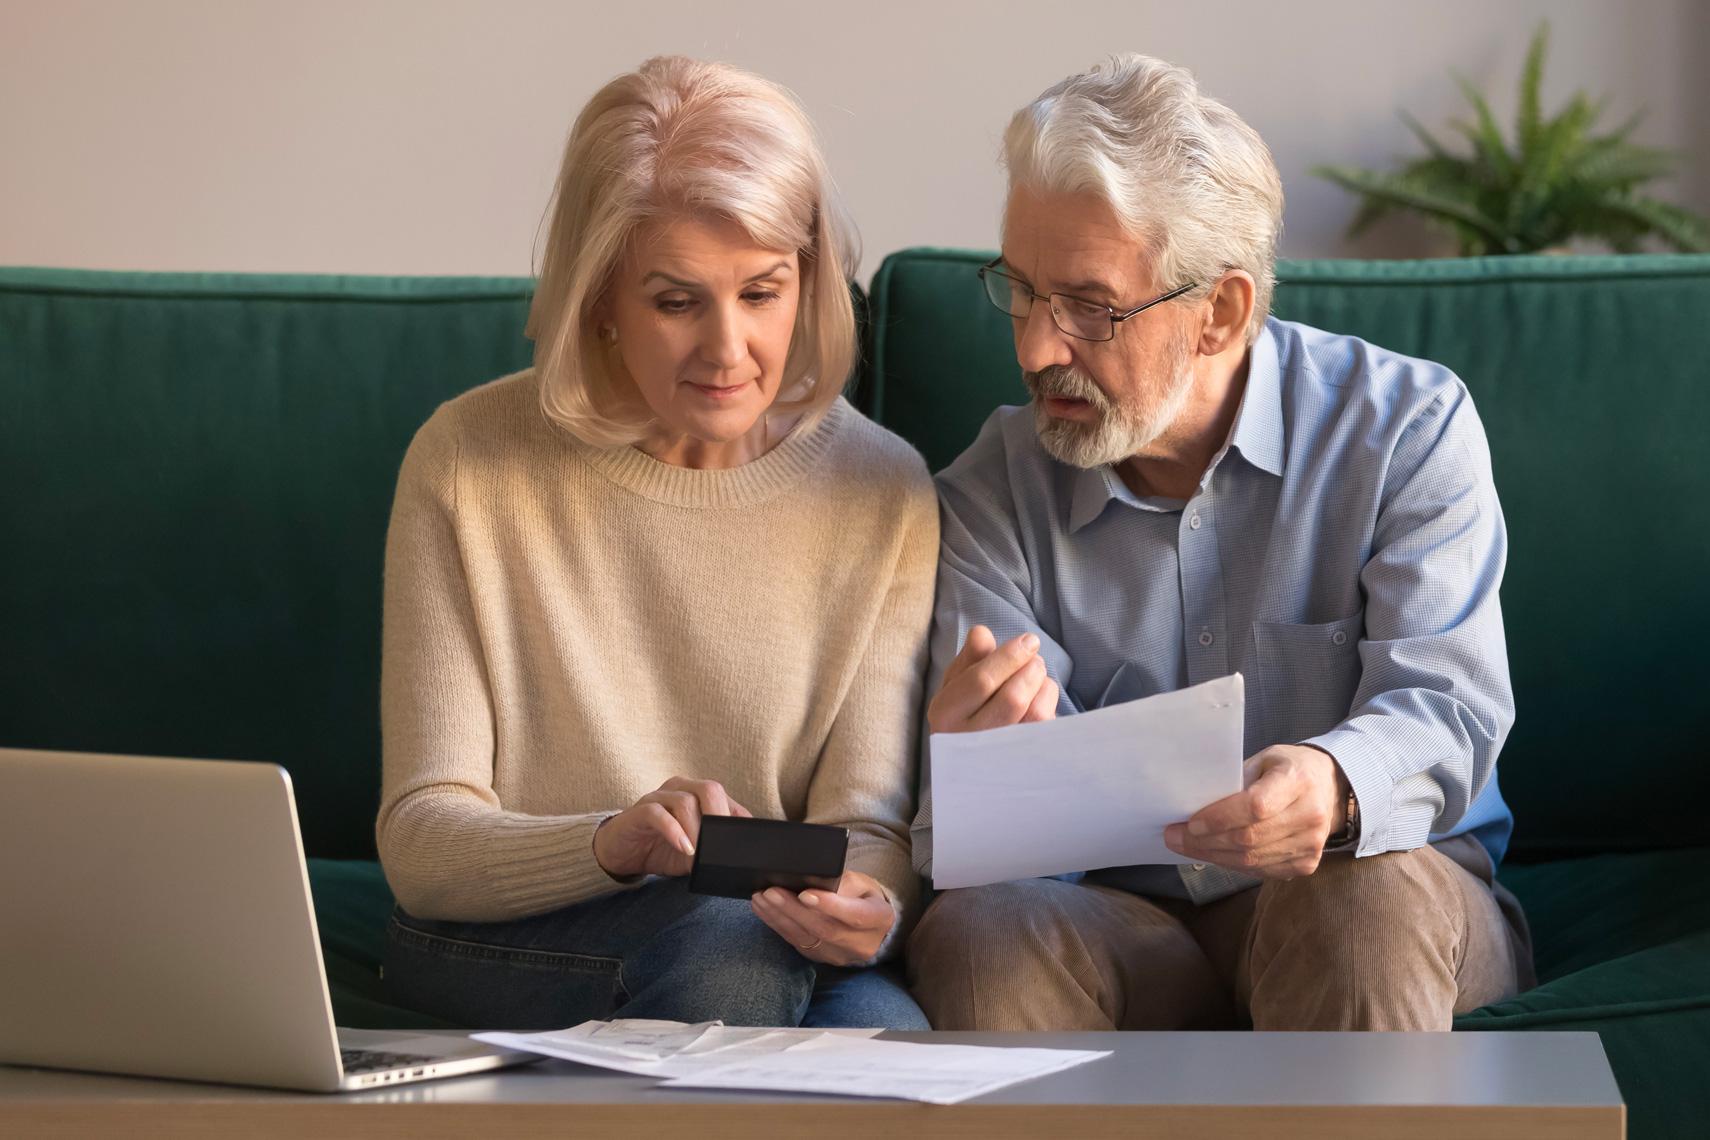 Coppia calcola le percentuali di provvigione per la vendita immobiliare